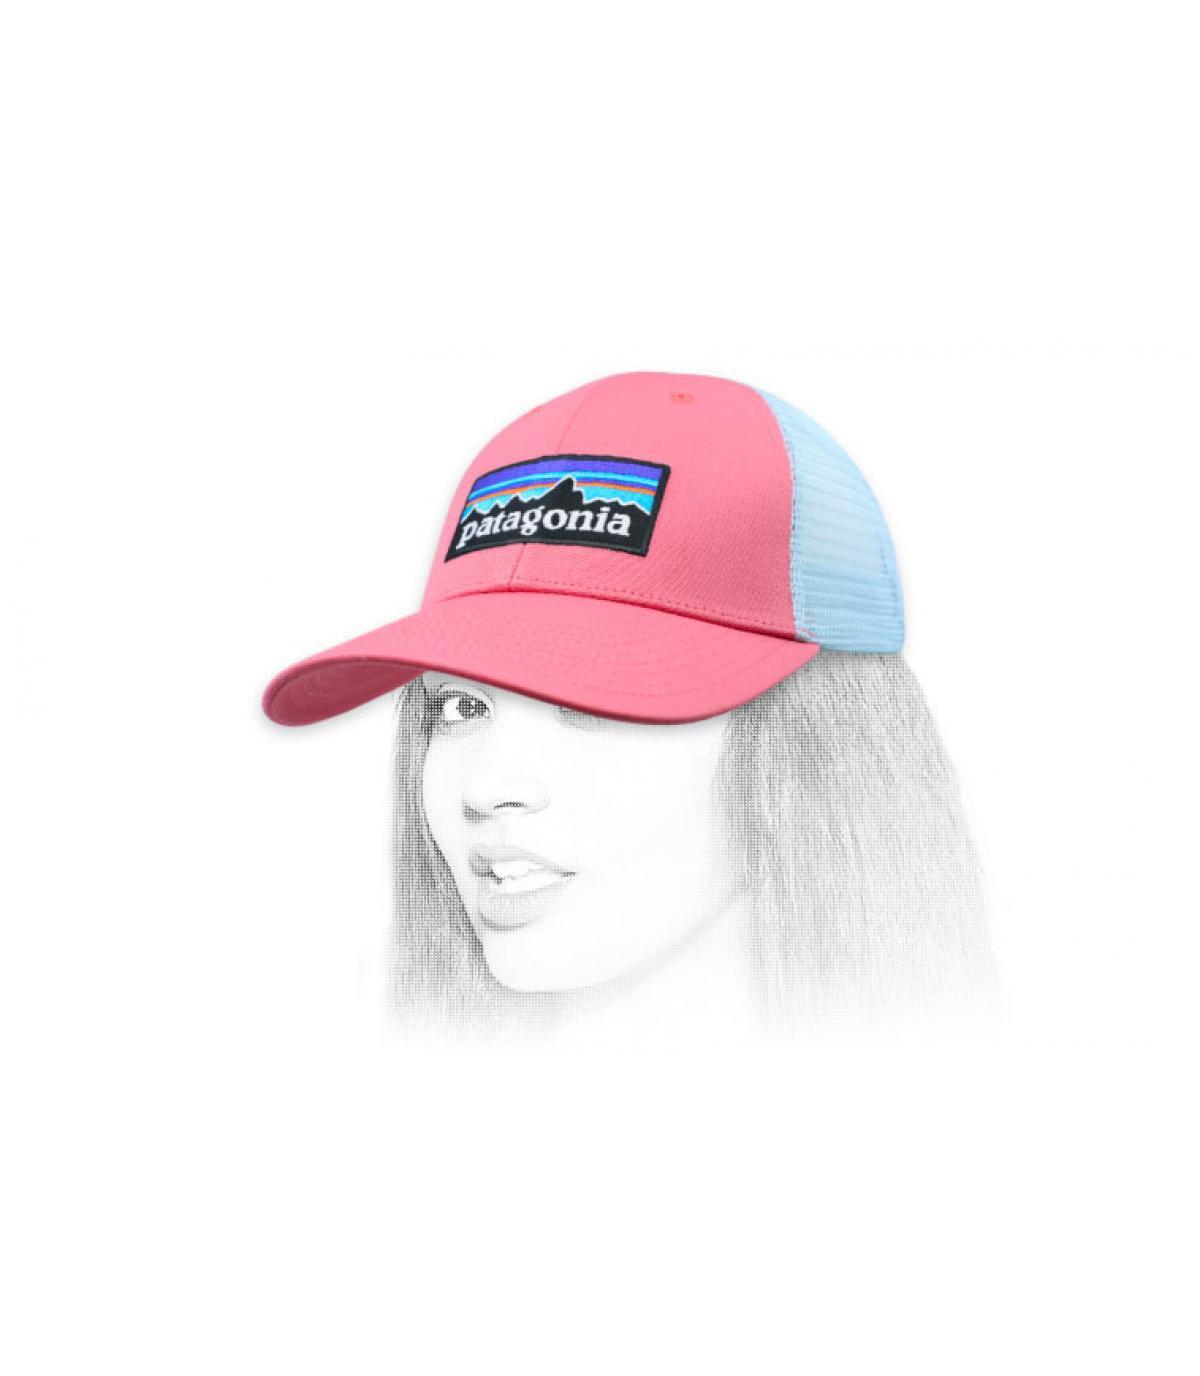 pink Patagonia trucker